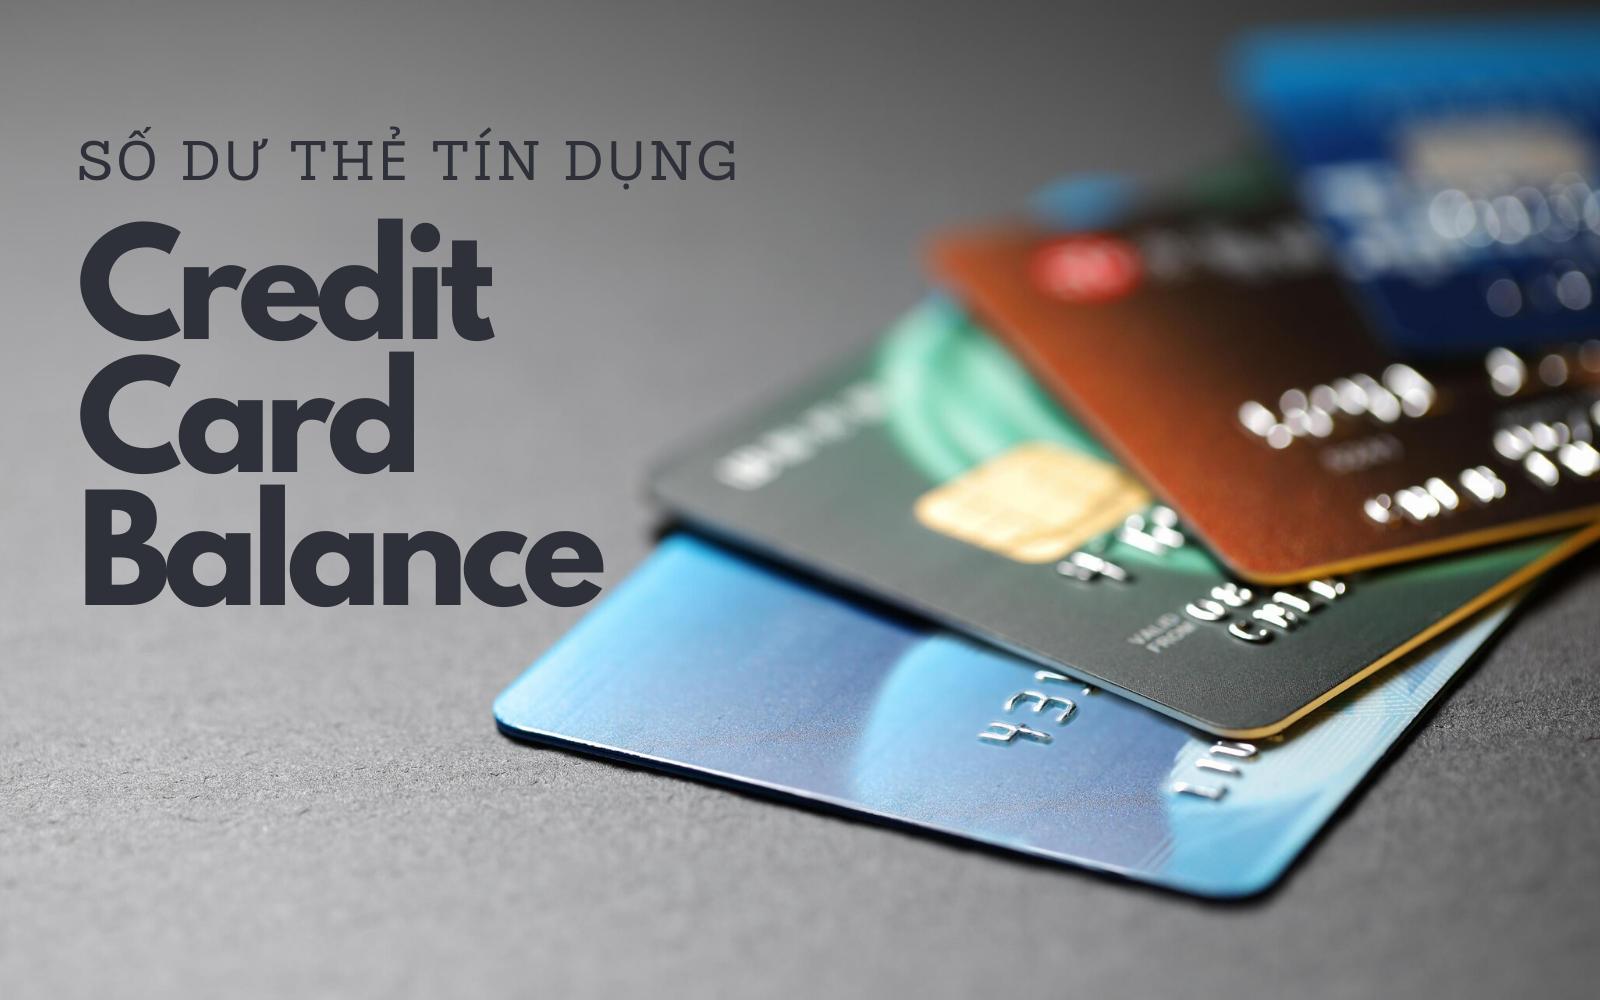 Thẻ tín dụng là gì? Khi nào không nên quẹt thẻ tín dụng?